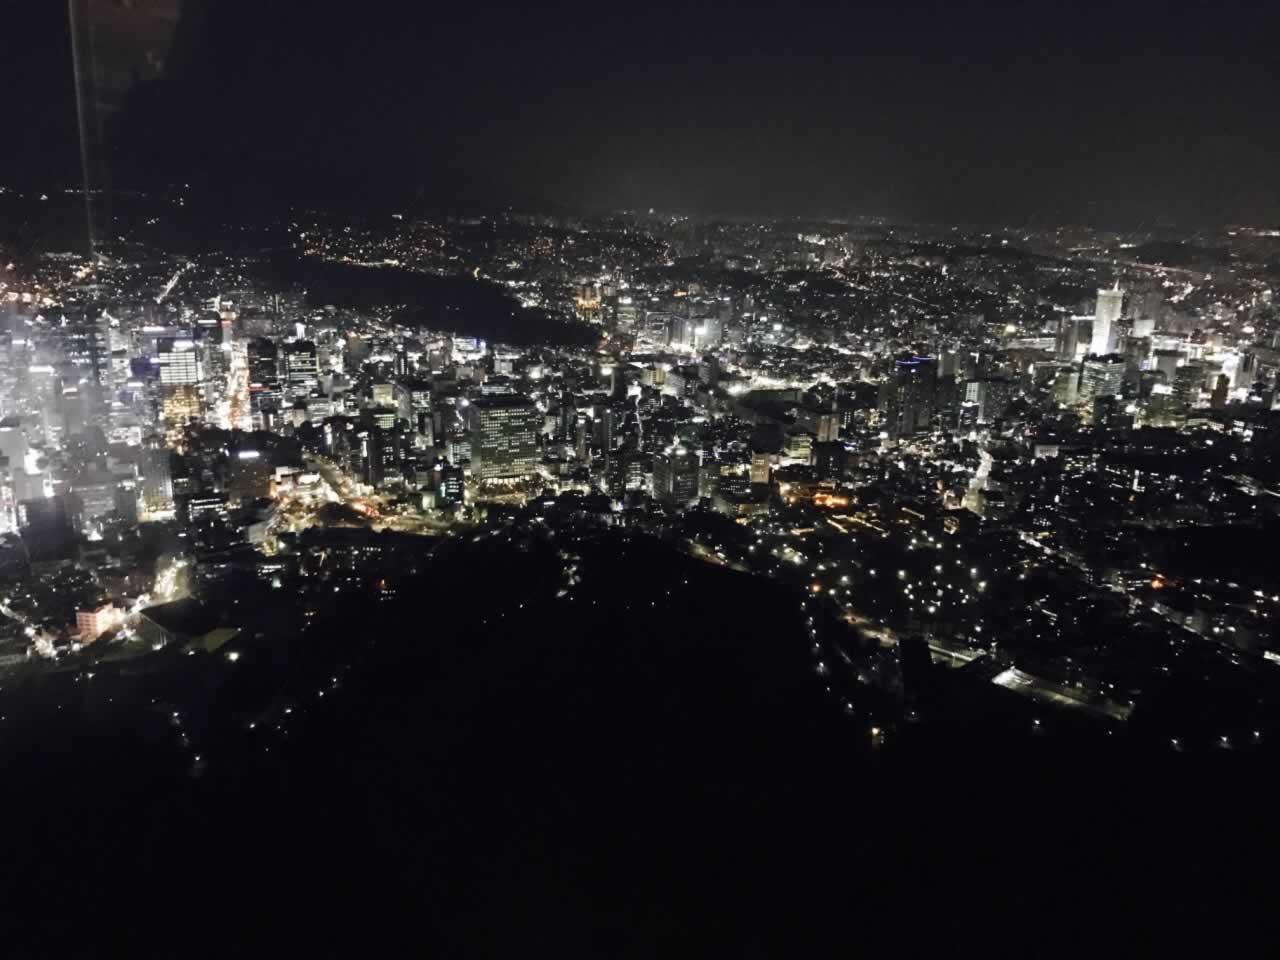 韩国术后旅游必去之地N首尔塔,去首尔必去的景点之一